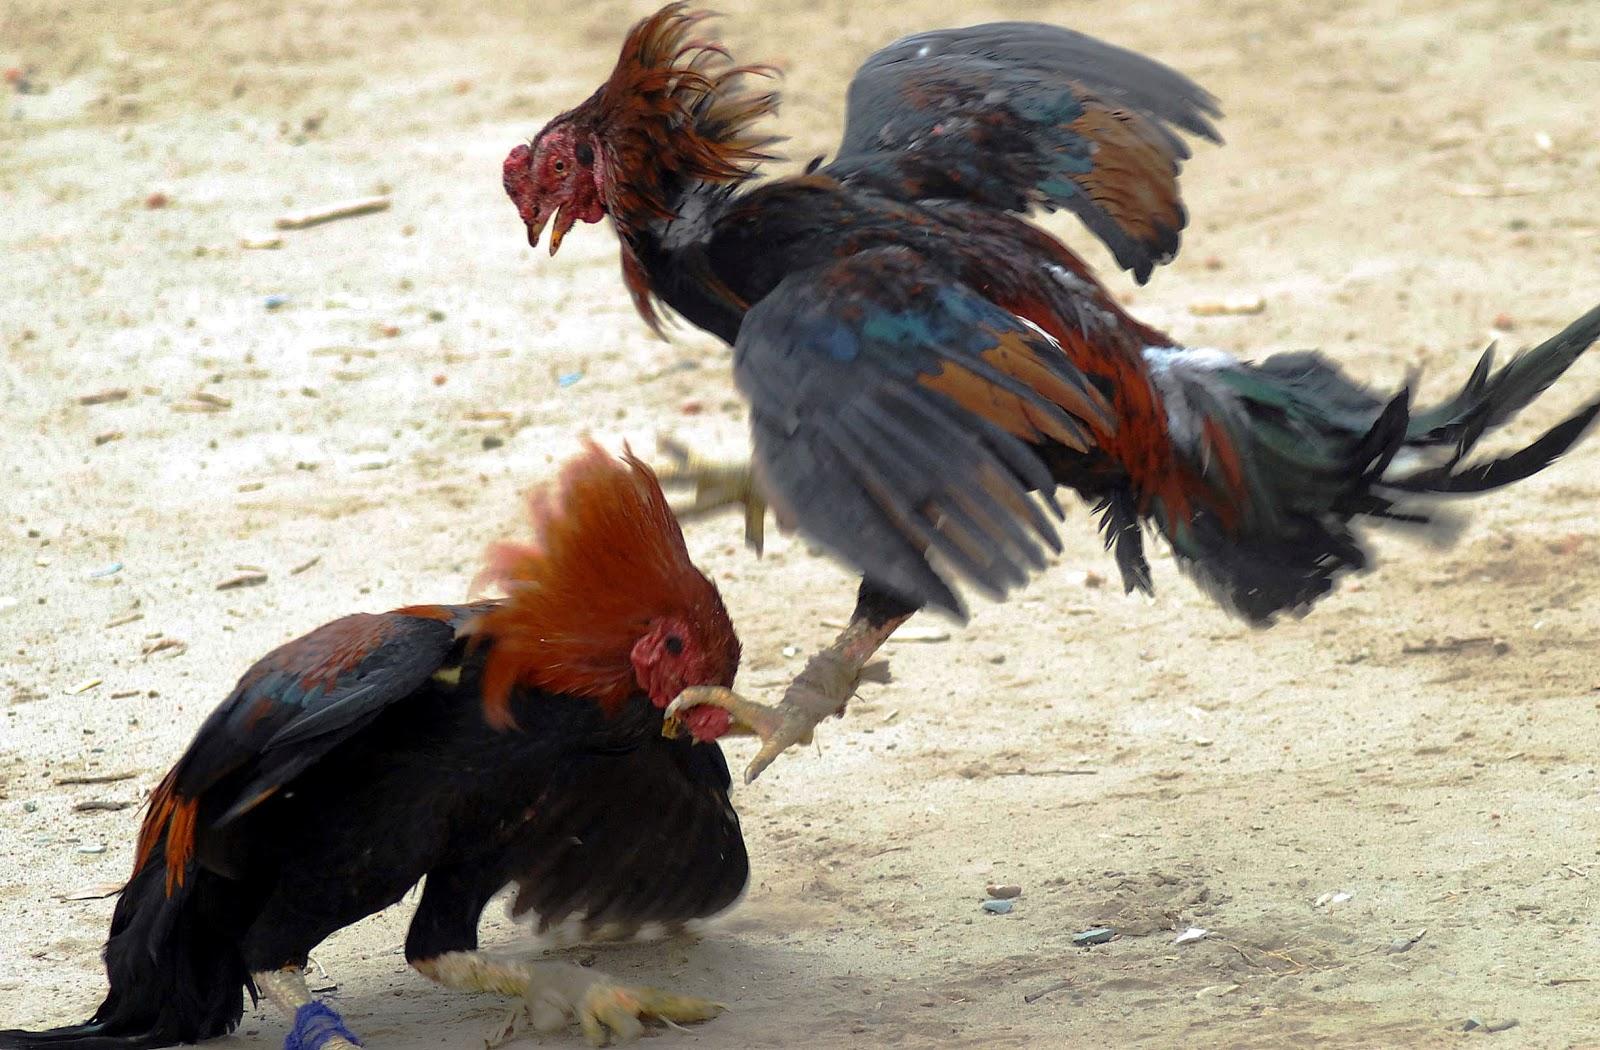 Ramon monstruos de fotos de gallos